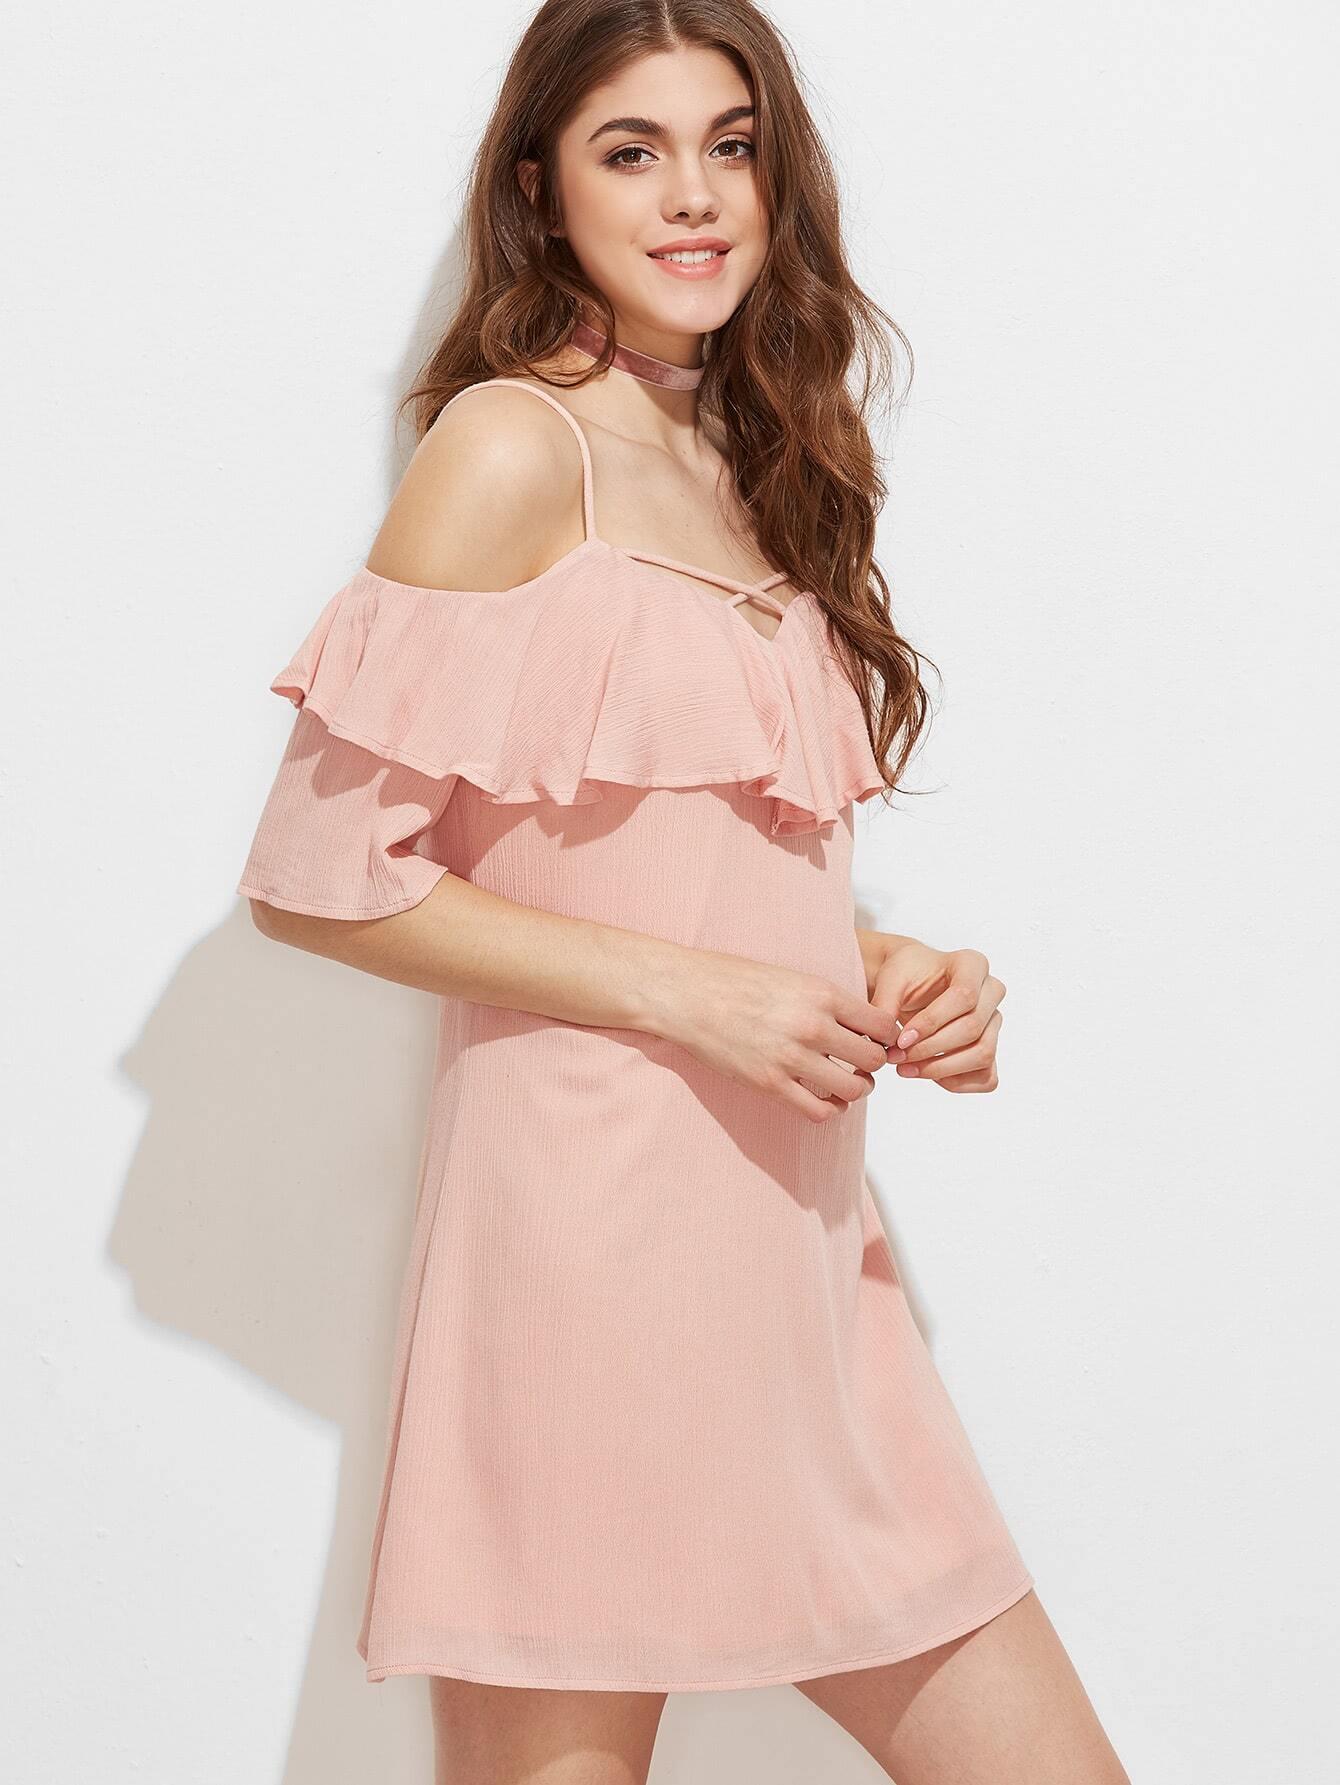 dress161212709_2